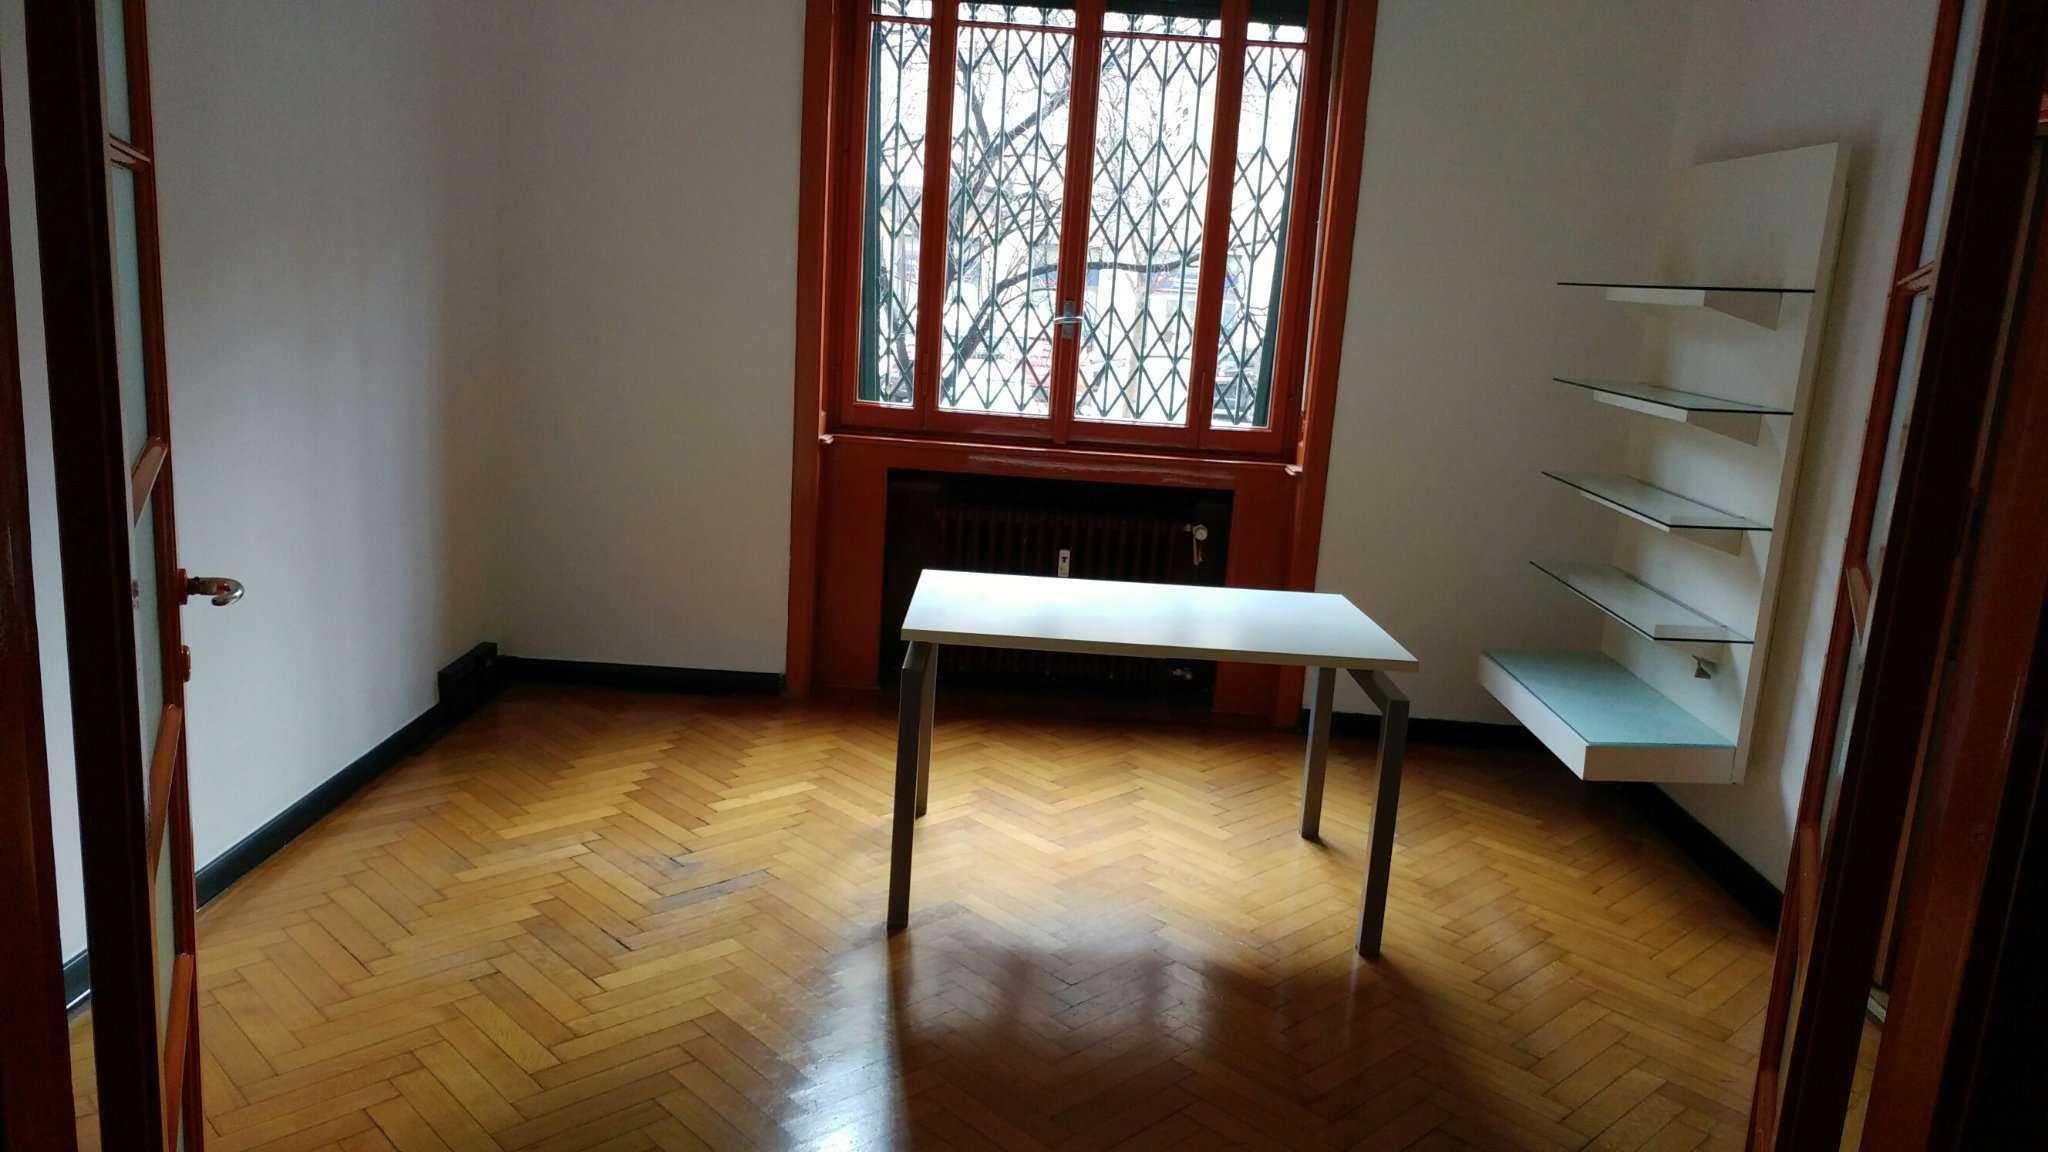 Ufficio / Studio in affitto a Milano, 2 locali, zona Zona: 2 . Repubblica, Stazione Centrale, P.ta Nuova, B. Marcello, prezzo € 1.000 | Cambio Casa.it